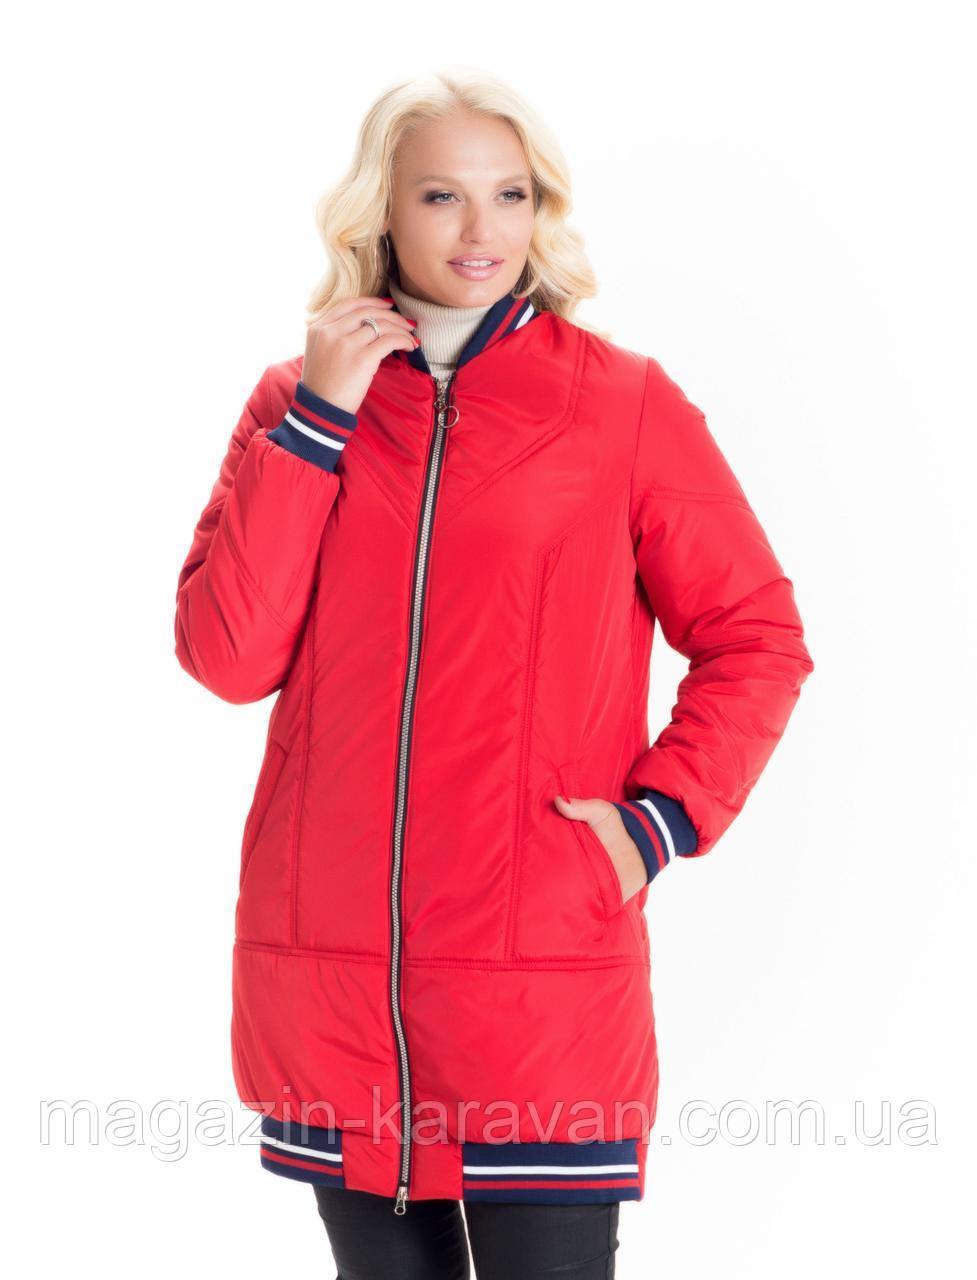 Женская демисезонная куртка красная (42-56)